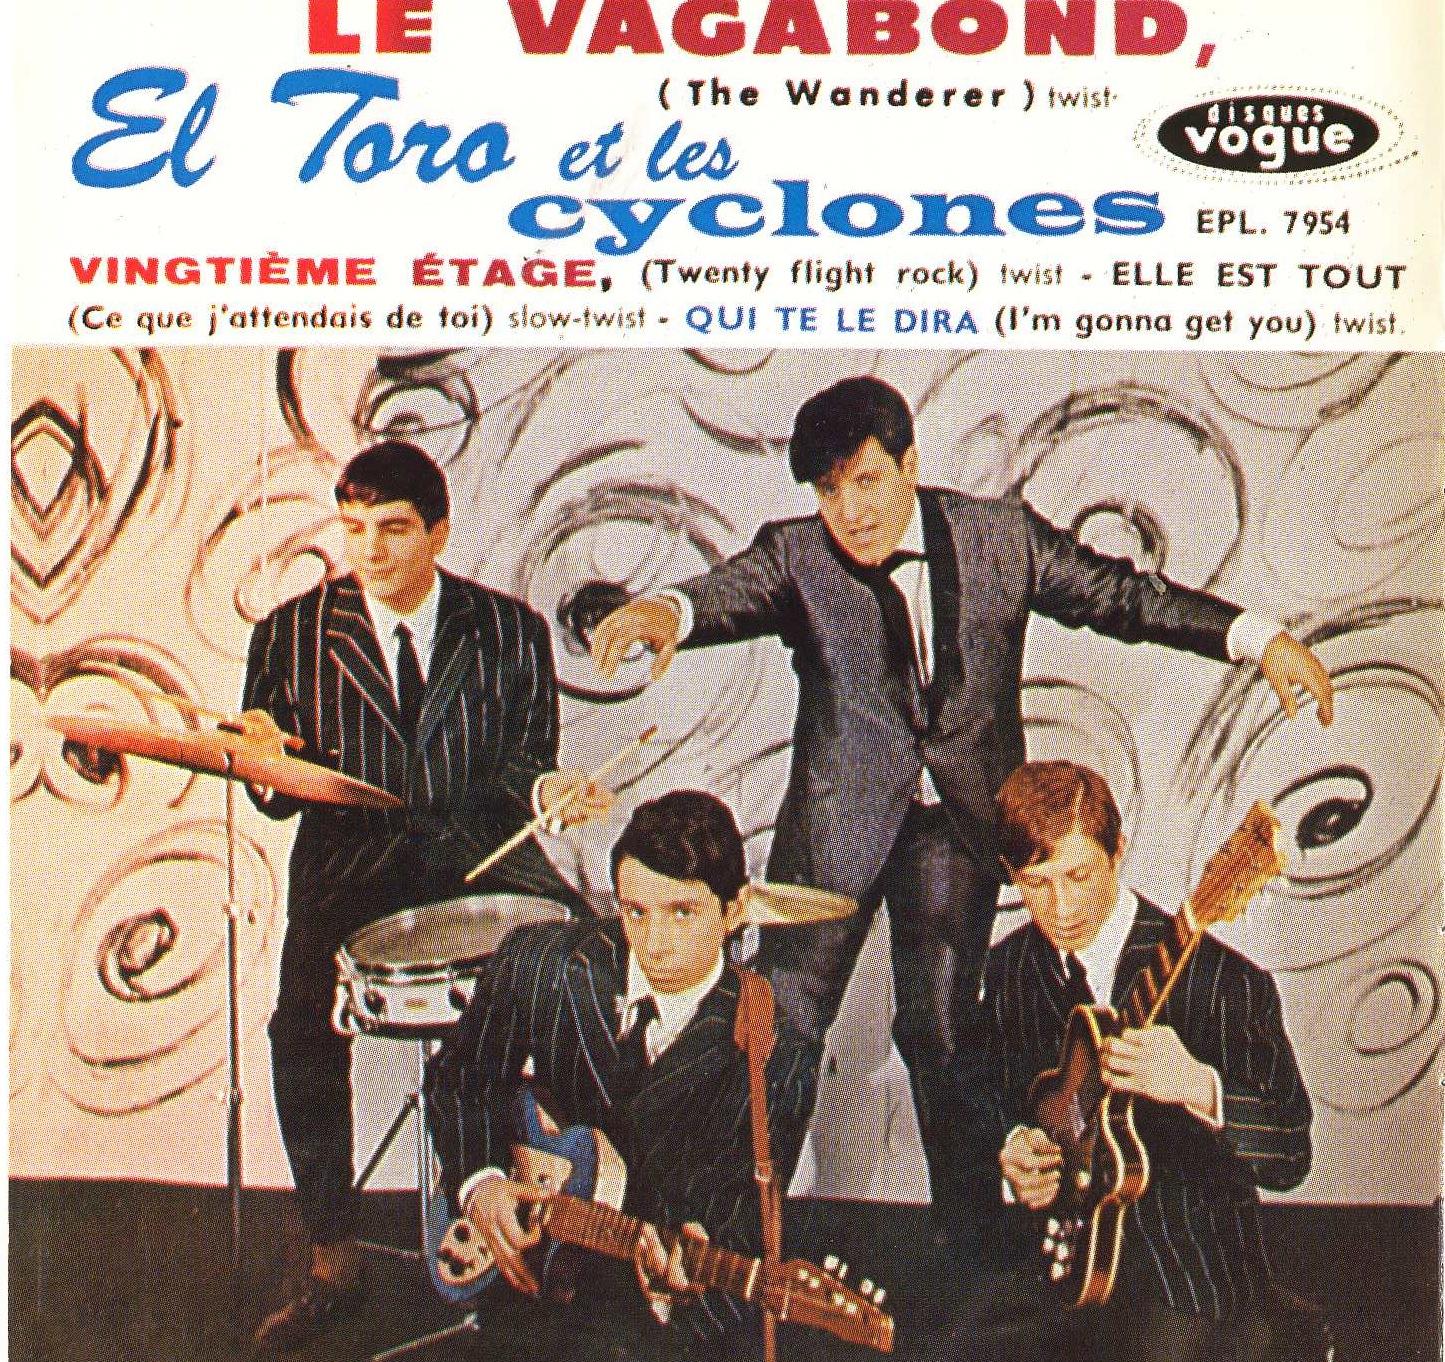 El Toro Et Les Cyclones Oncle John